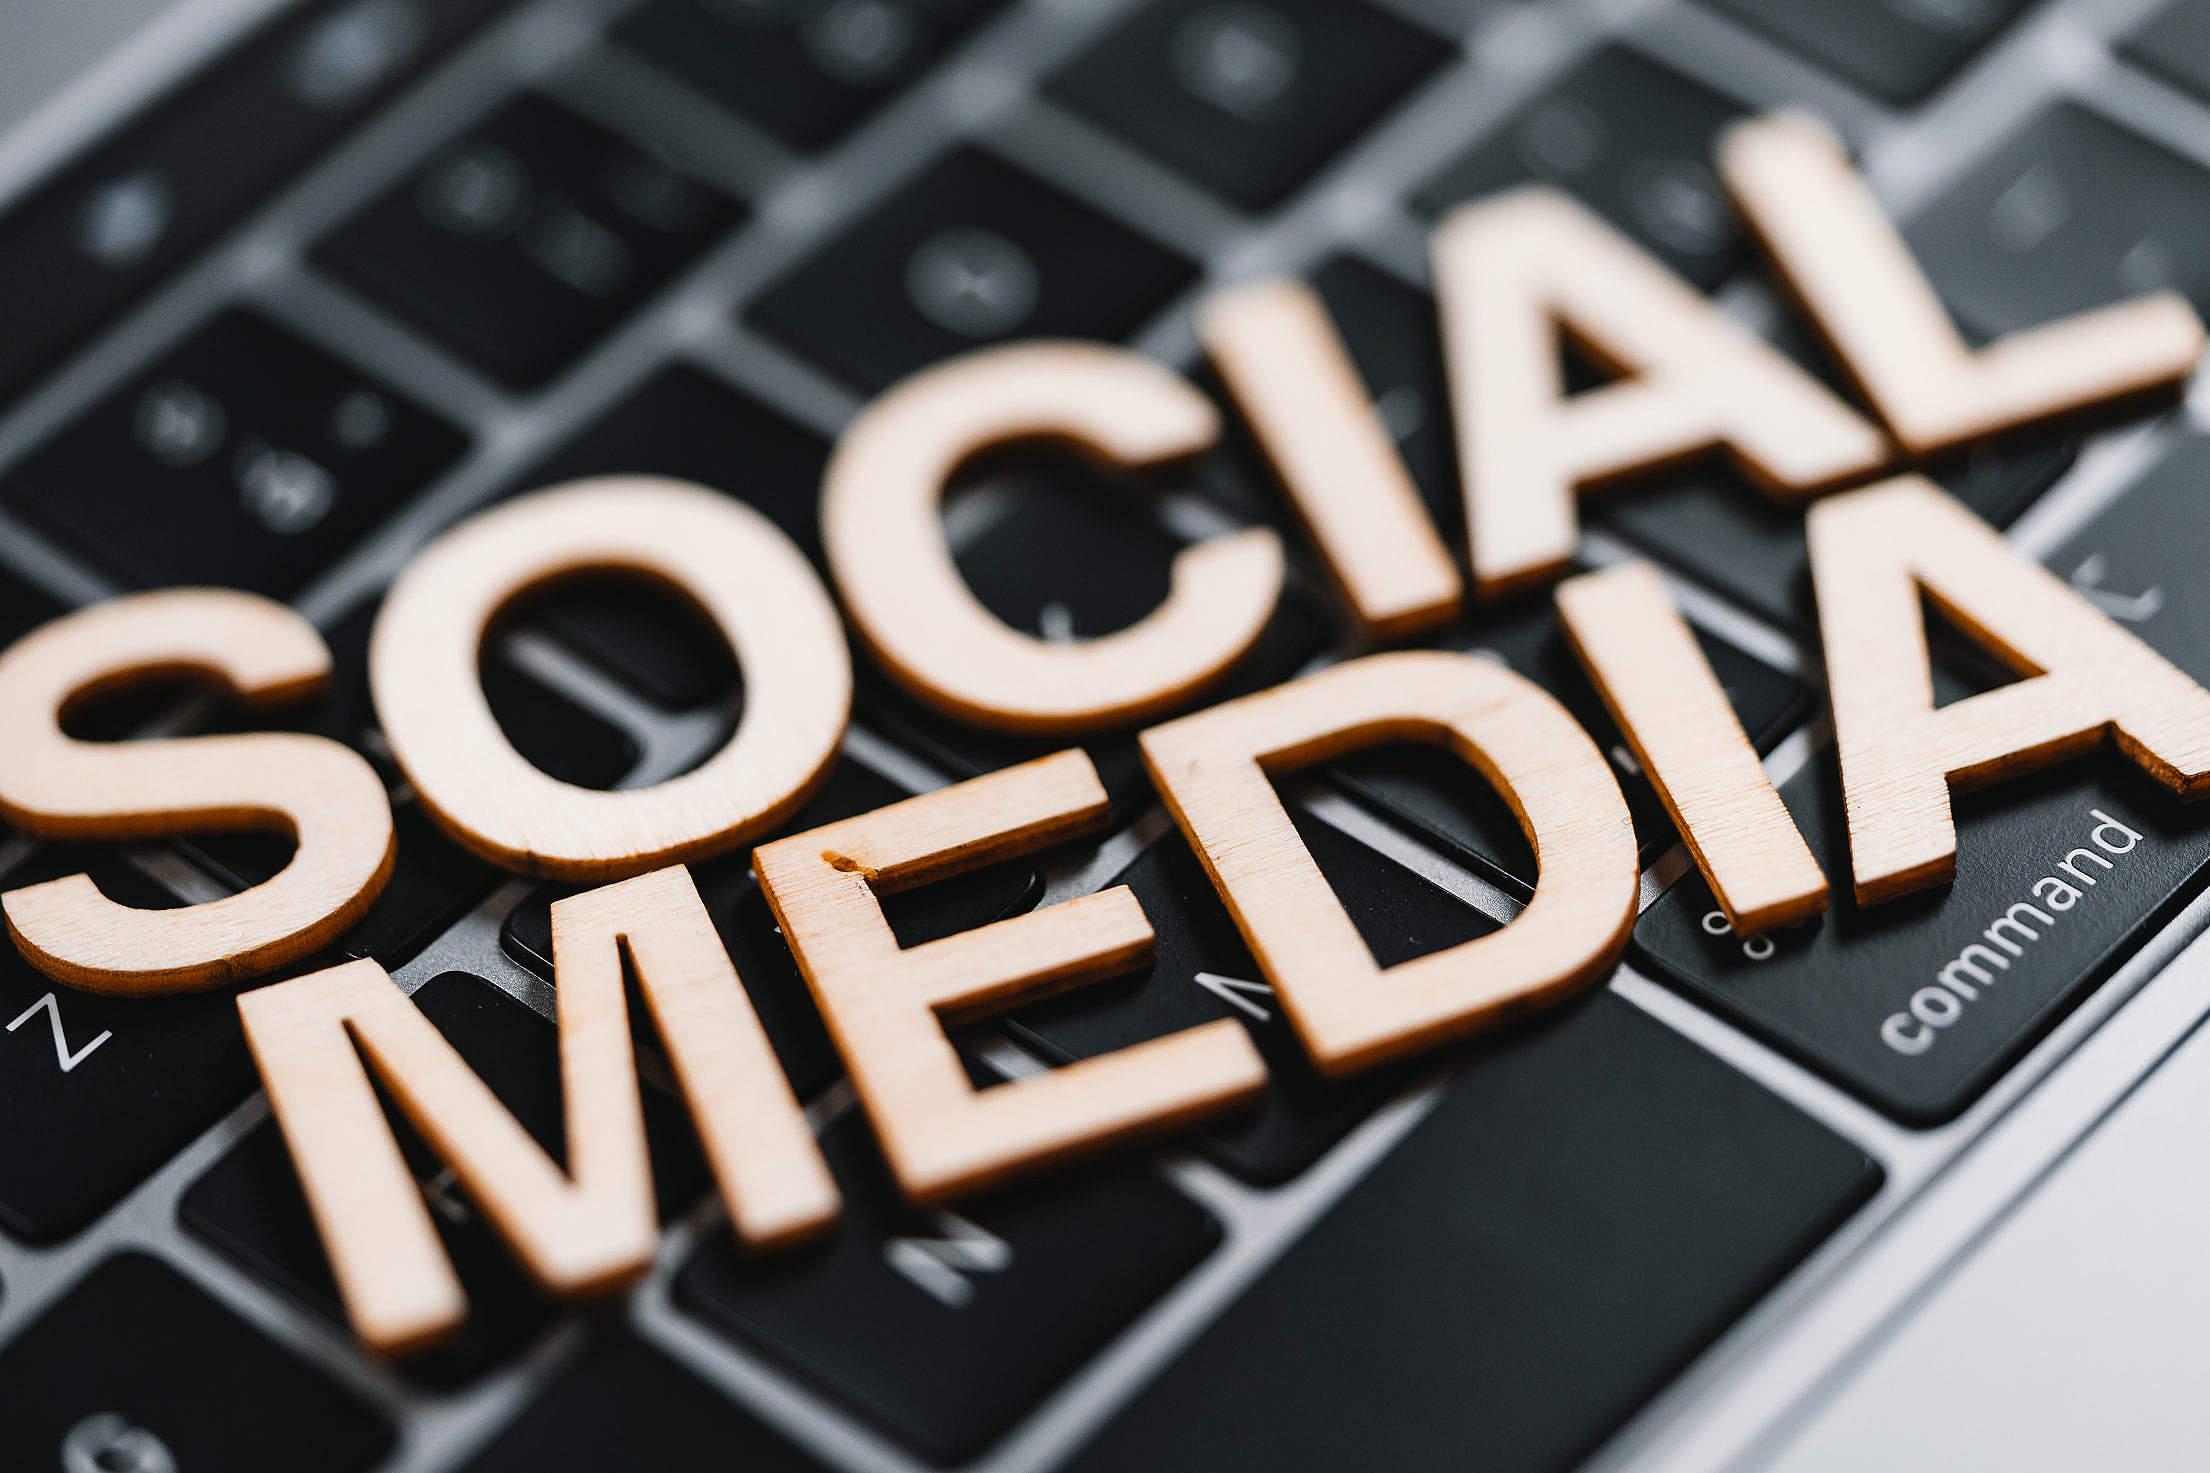 Social Media Free Stock Photo